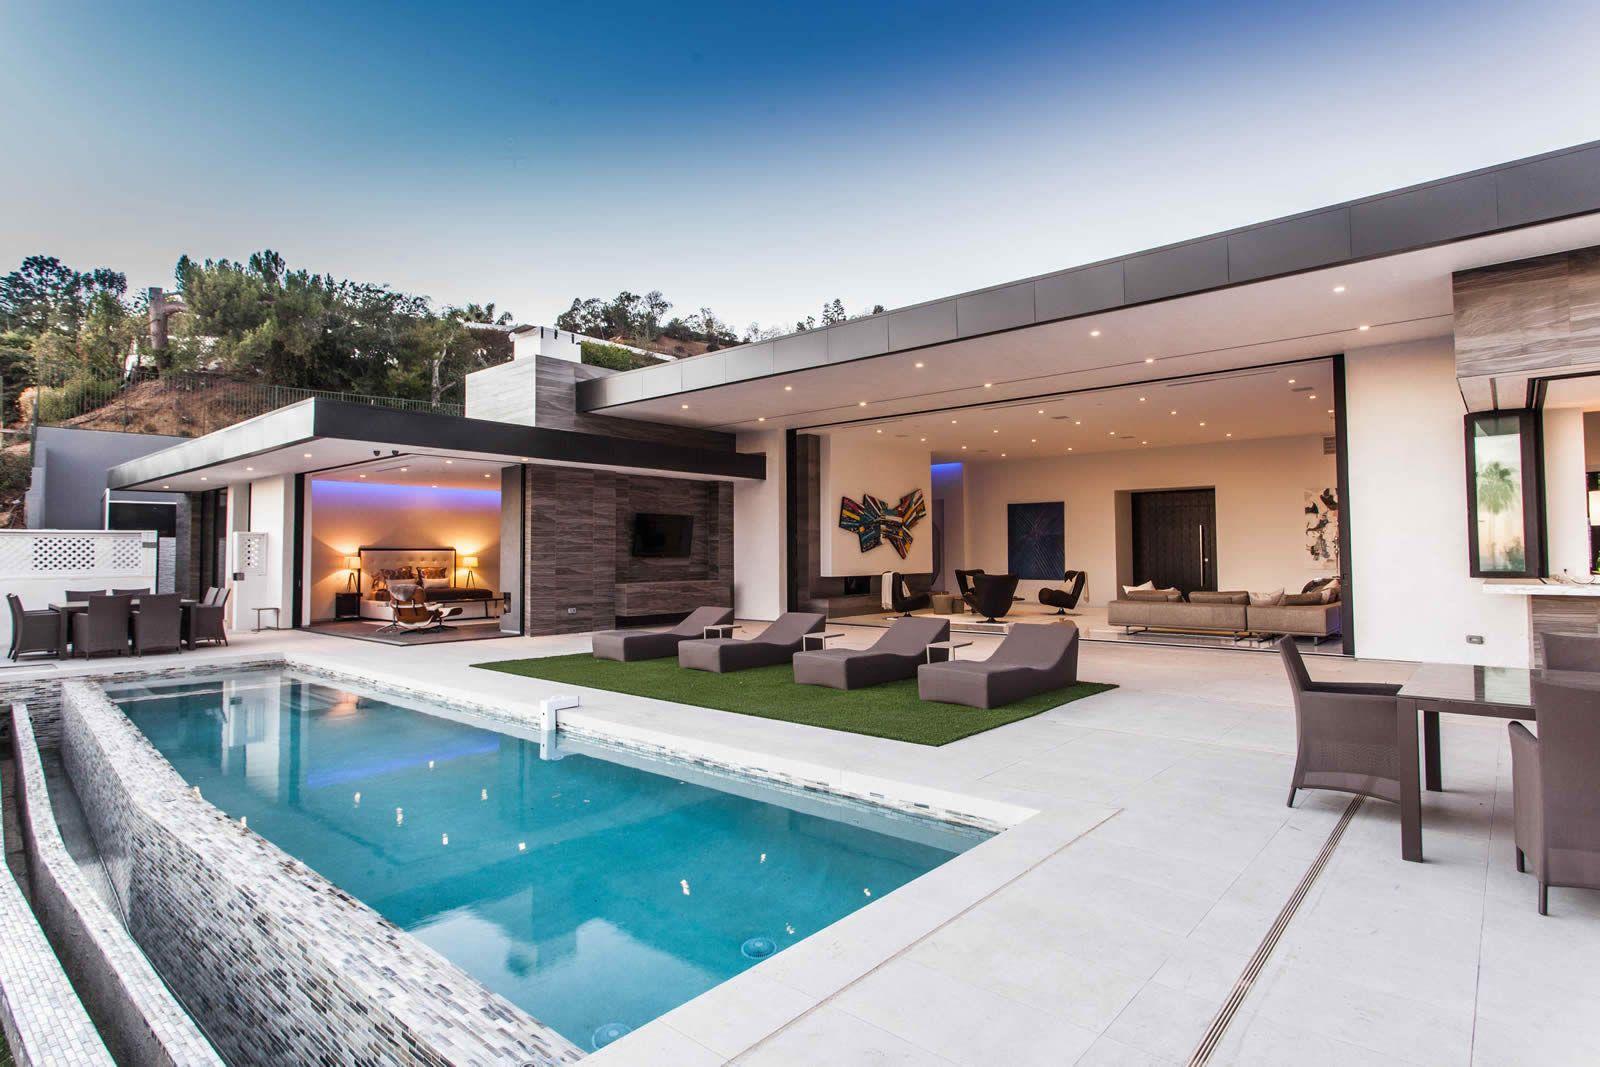 Magnifique maison a louer en espagne avec piscine villa - Location maison espagne avec piscine ...